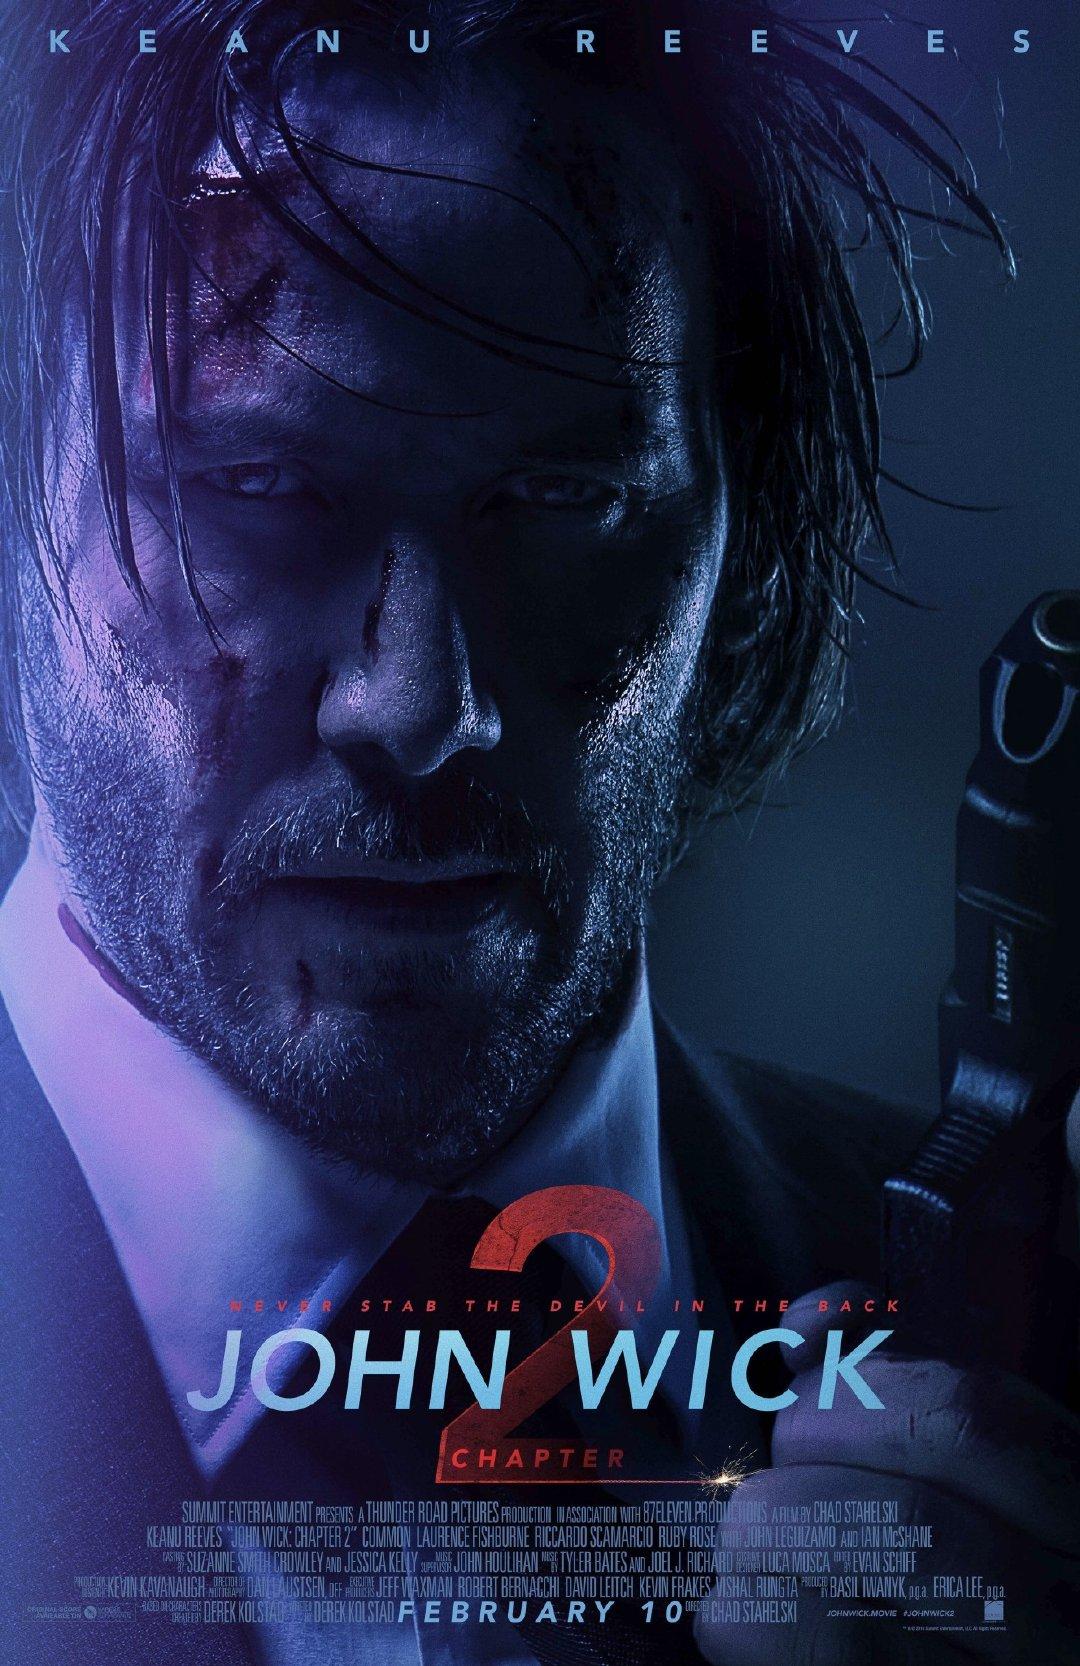 《疾速速追杀/John Wick》系列1-3部高清无删减资源 百度云下载图片 第2张